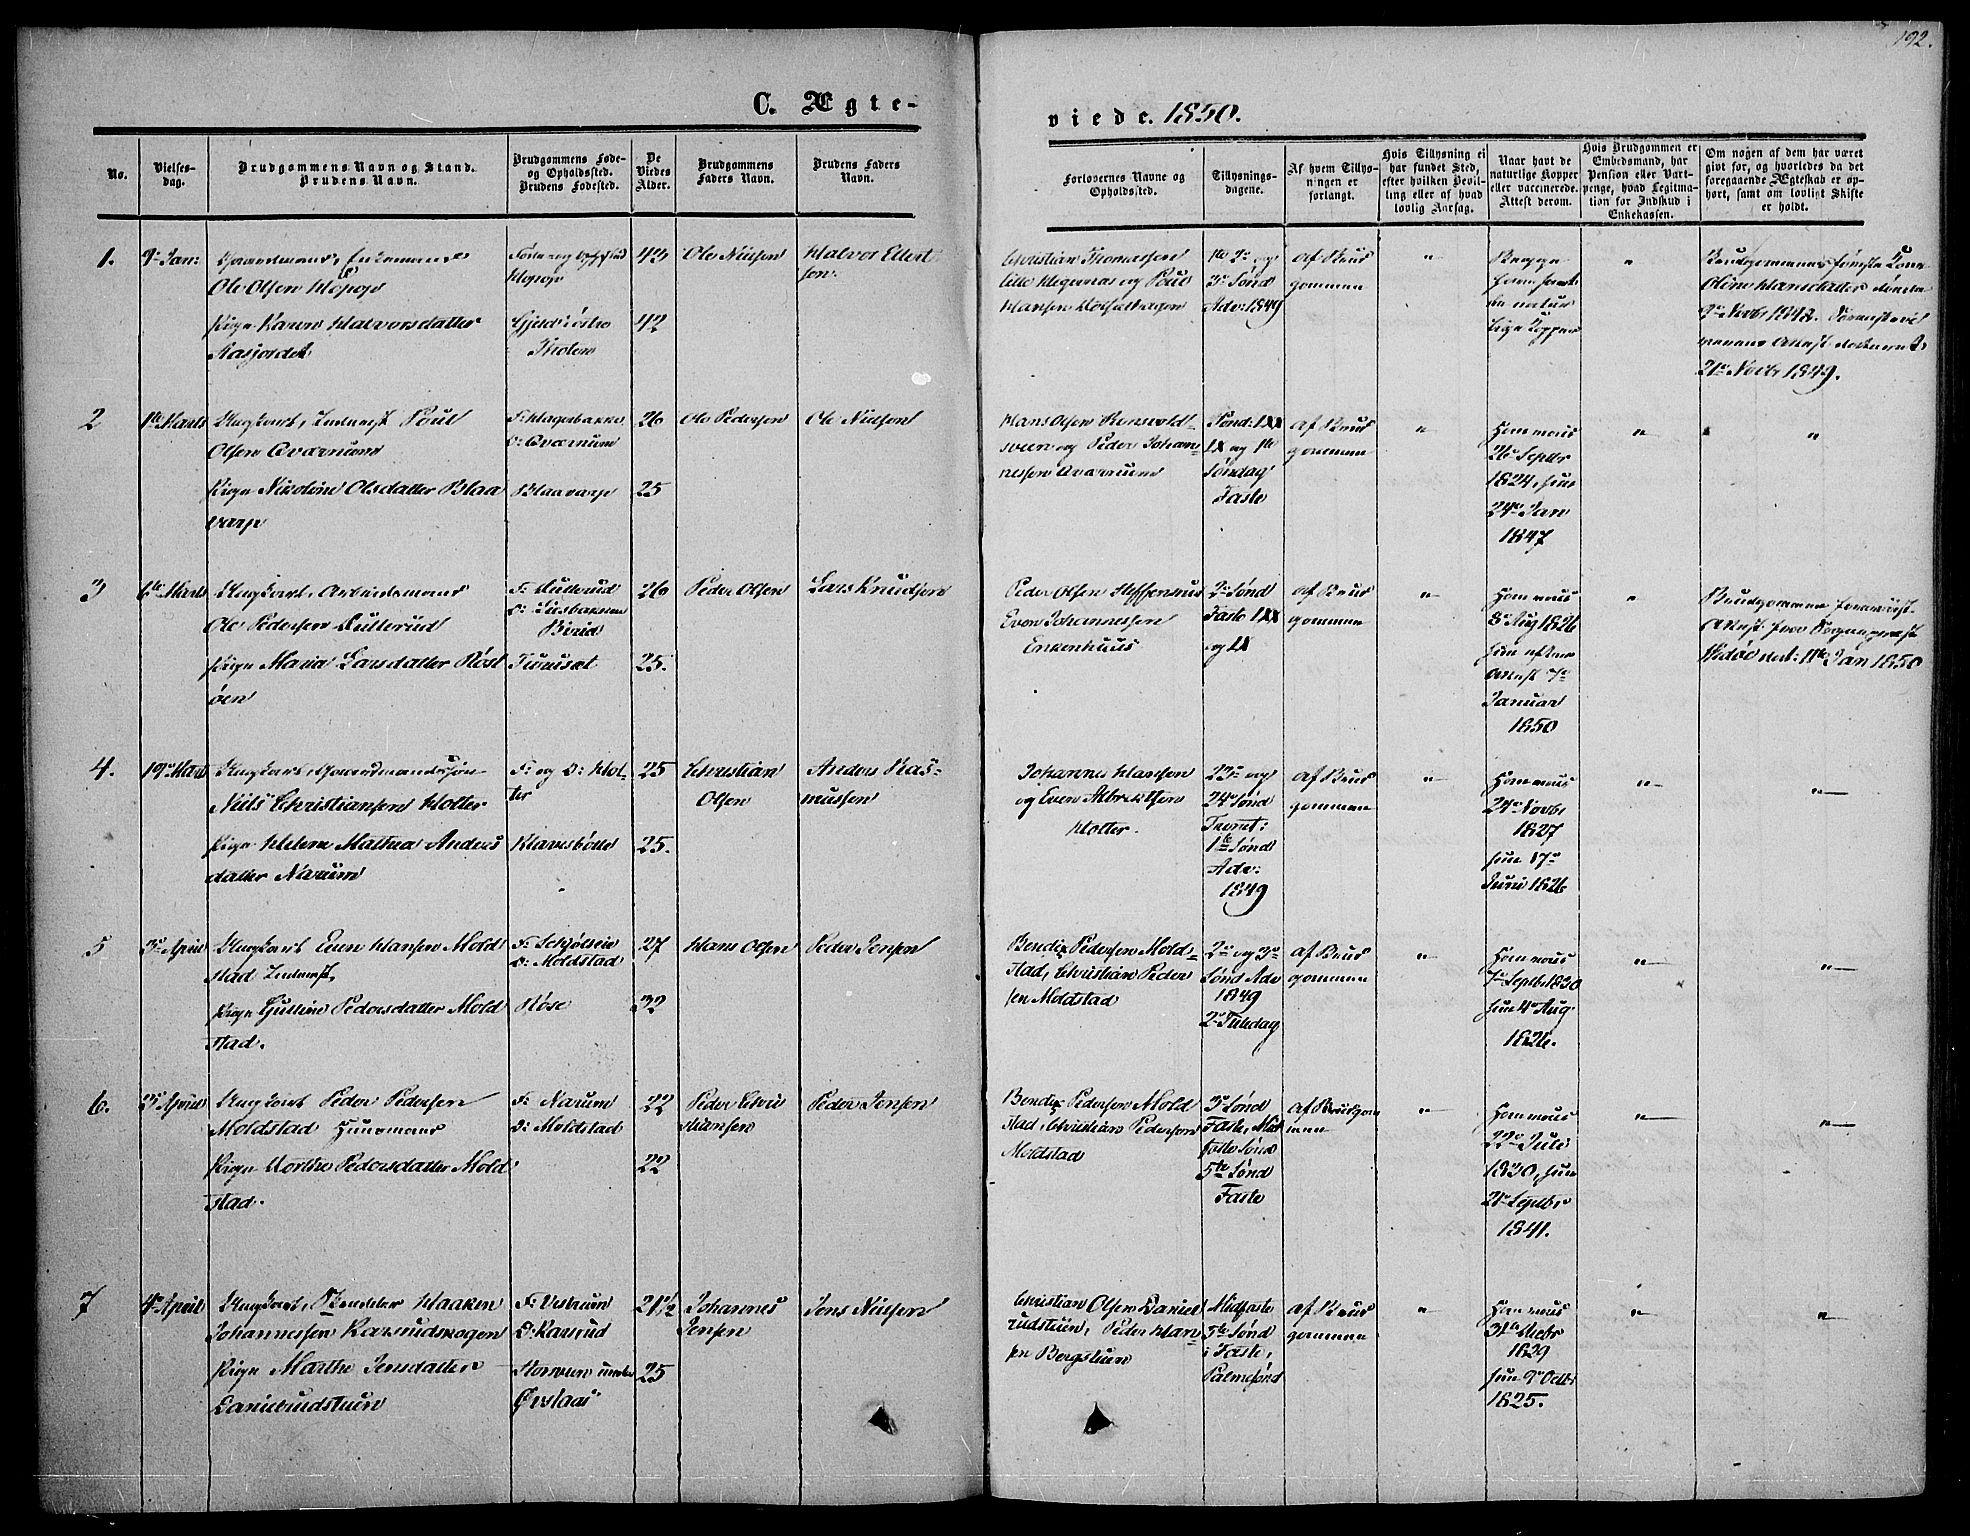 SAH, Vestre Toten prestekontor, Ministerialbok nr. 5, 1850-1855, s. 192